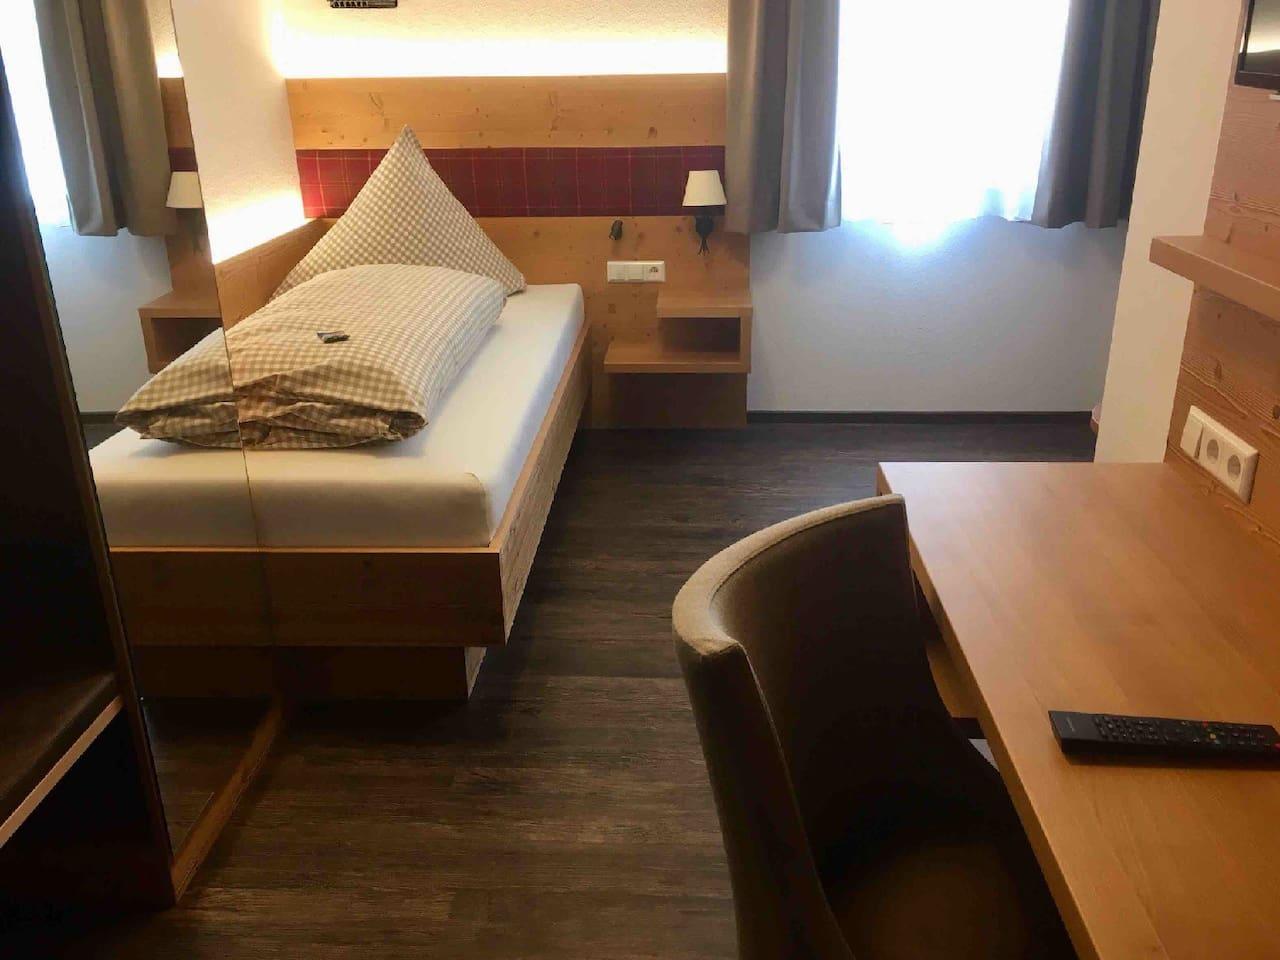 Schlaf- und Wohnbereich, Landgasthof Linde, Einzelzimmer Gästehaus